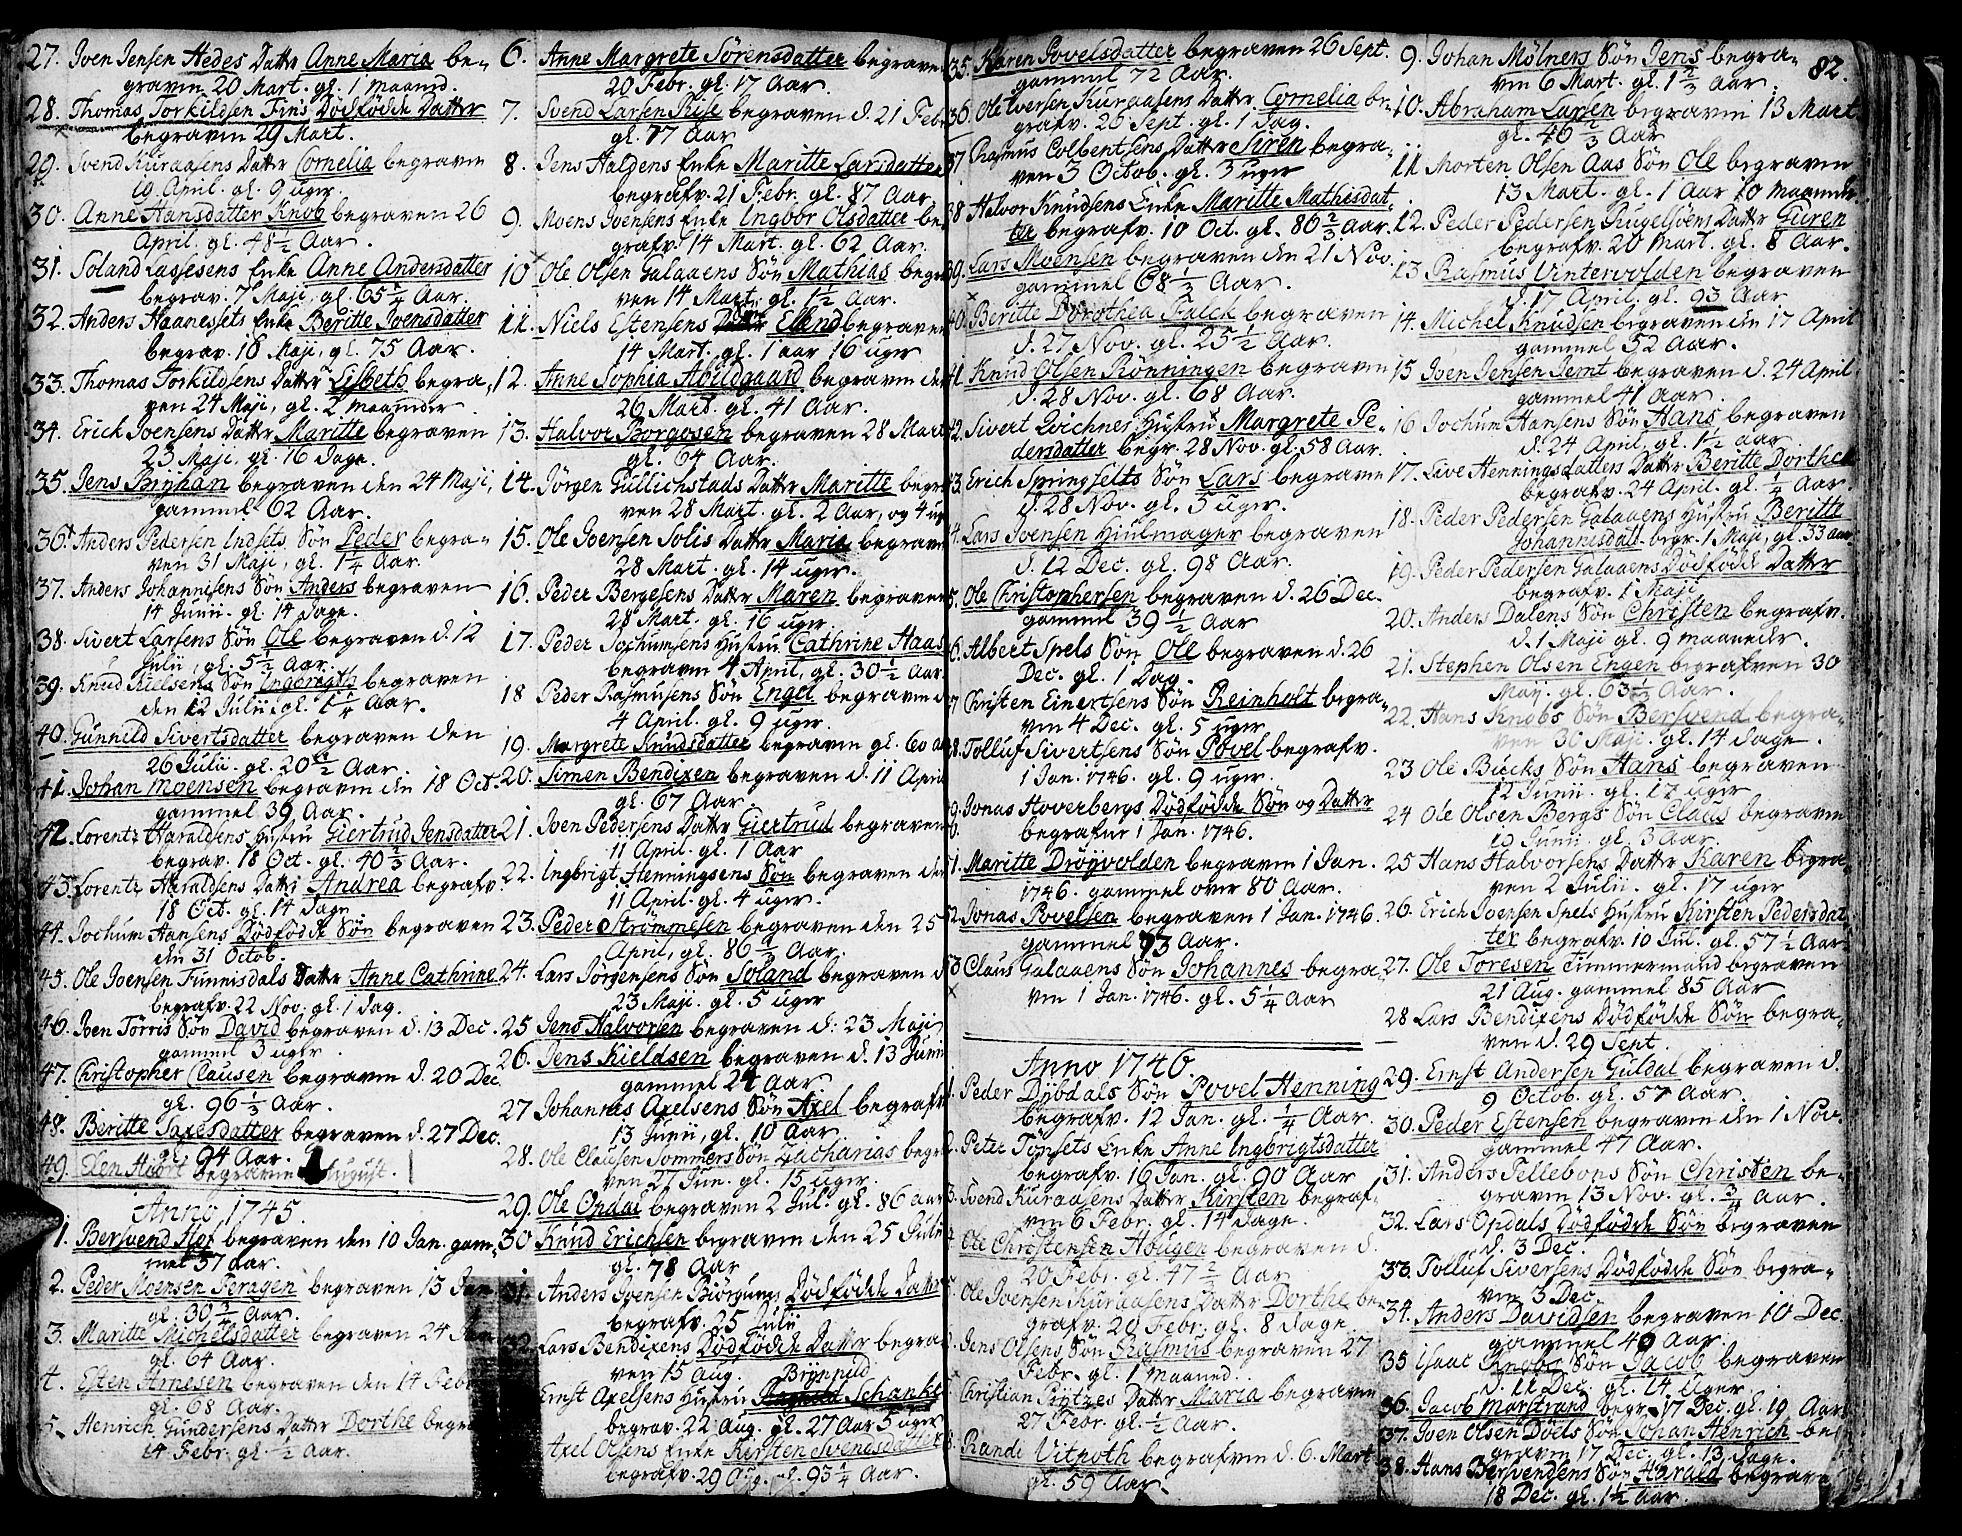 SAT, Ministerialprotokoller, klokkerbøker og fødselsregistre - Sør-Trøndelag, 681/L0925: Ministerialbok nr. 681A03, 1727-1766, s. 82